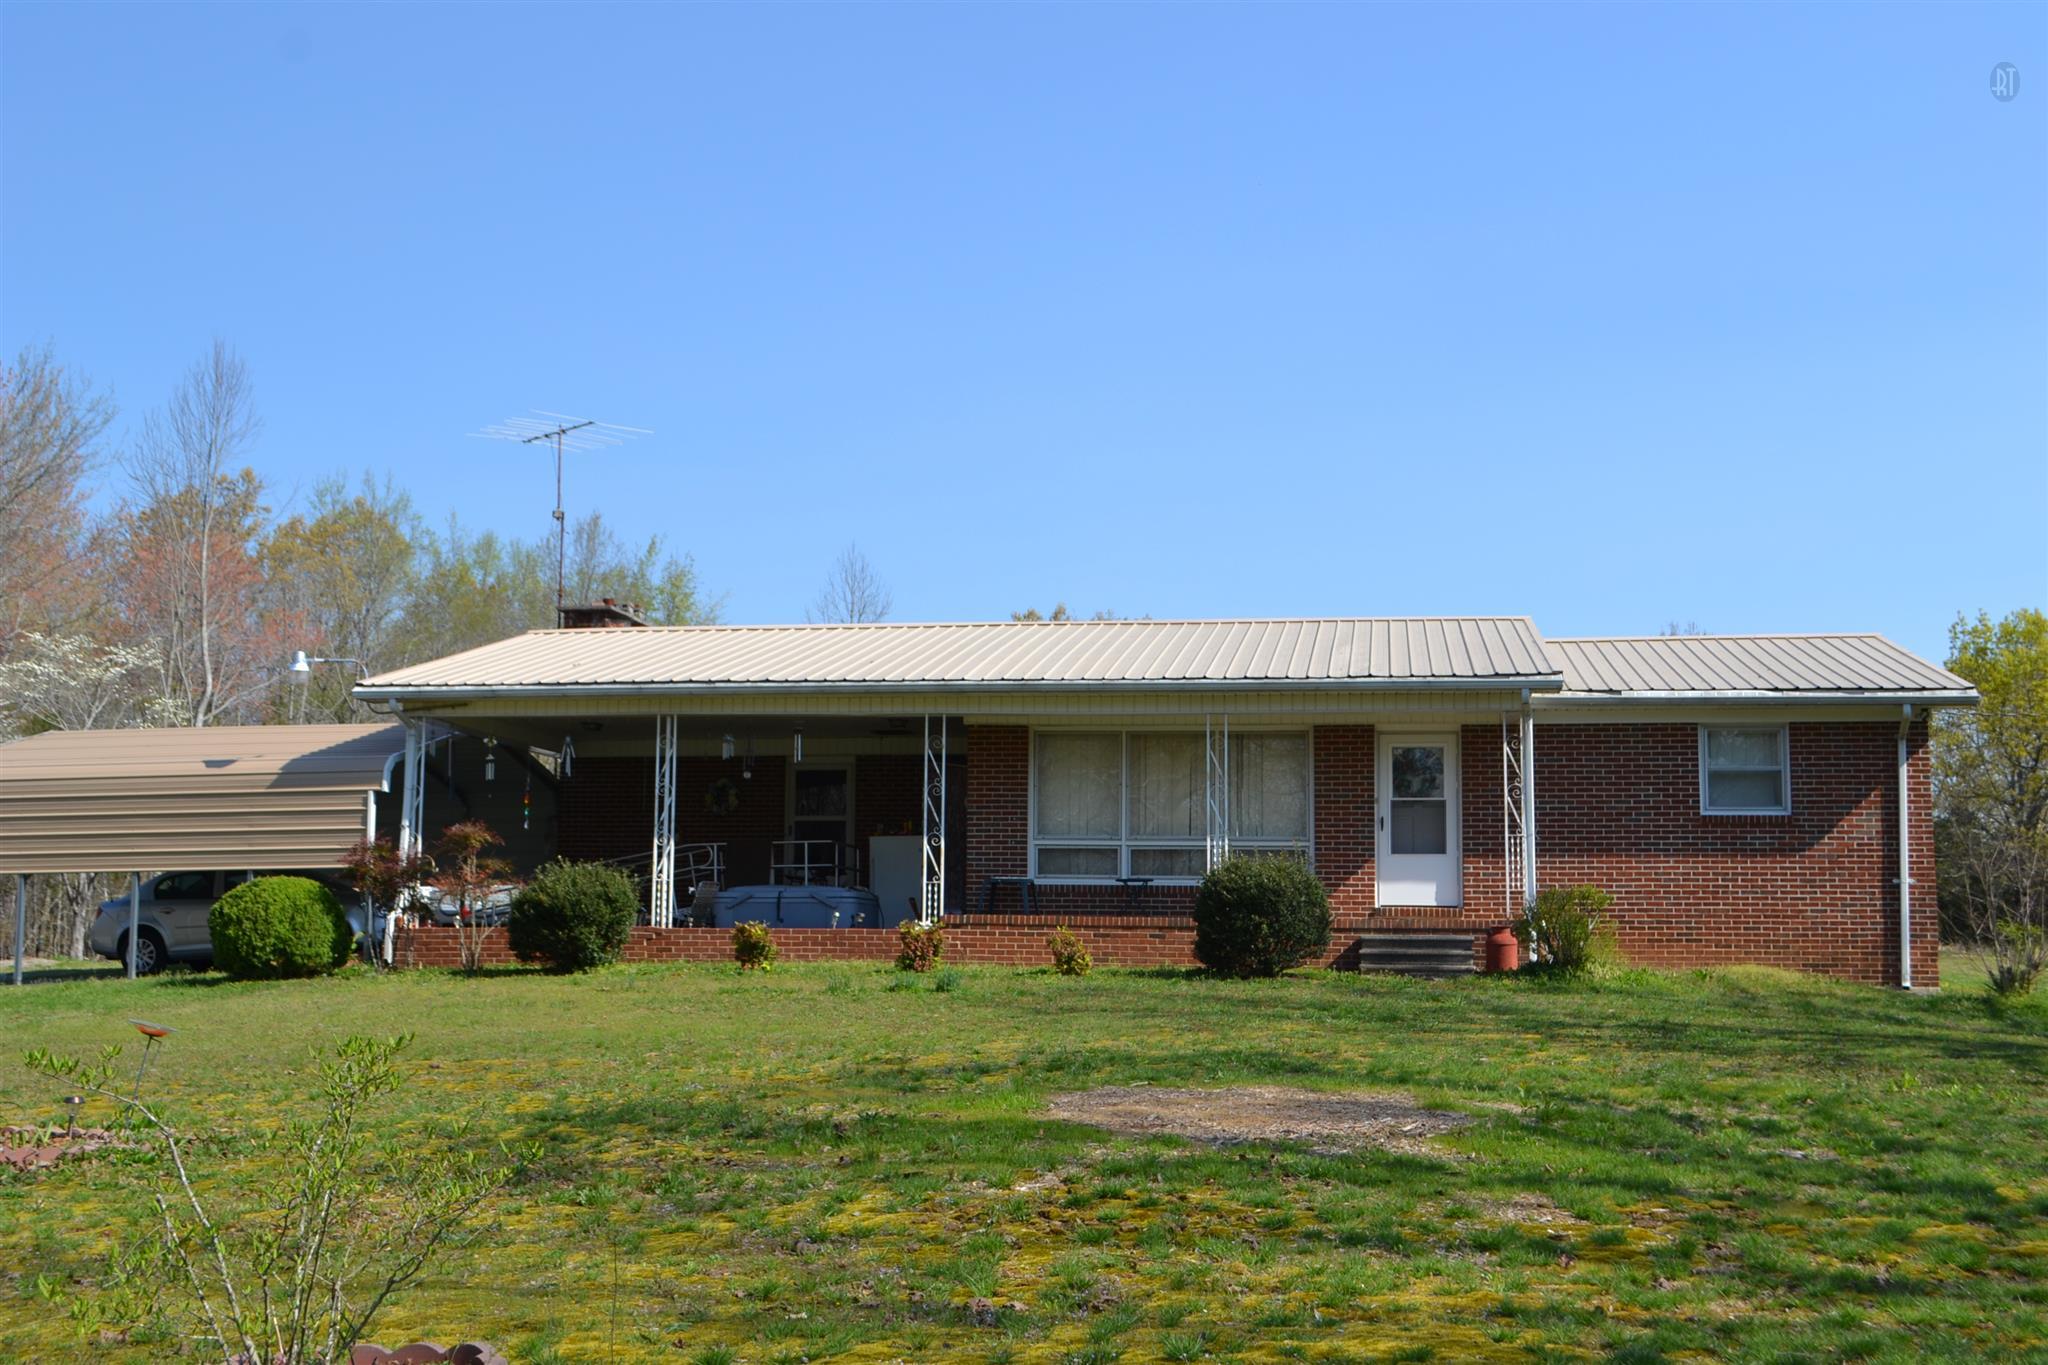 716 Meiser Ln, Mc Minnville, TN 37110